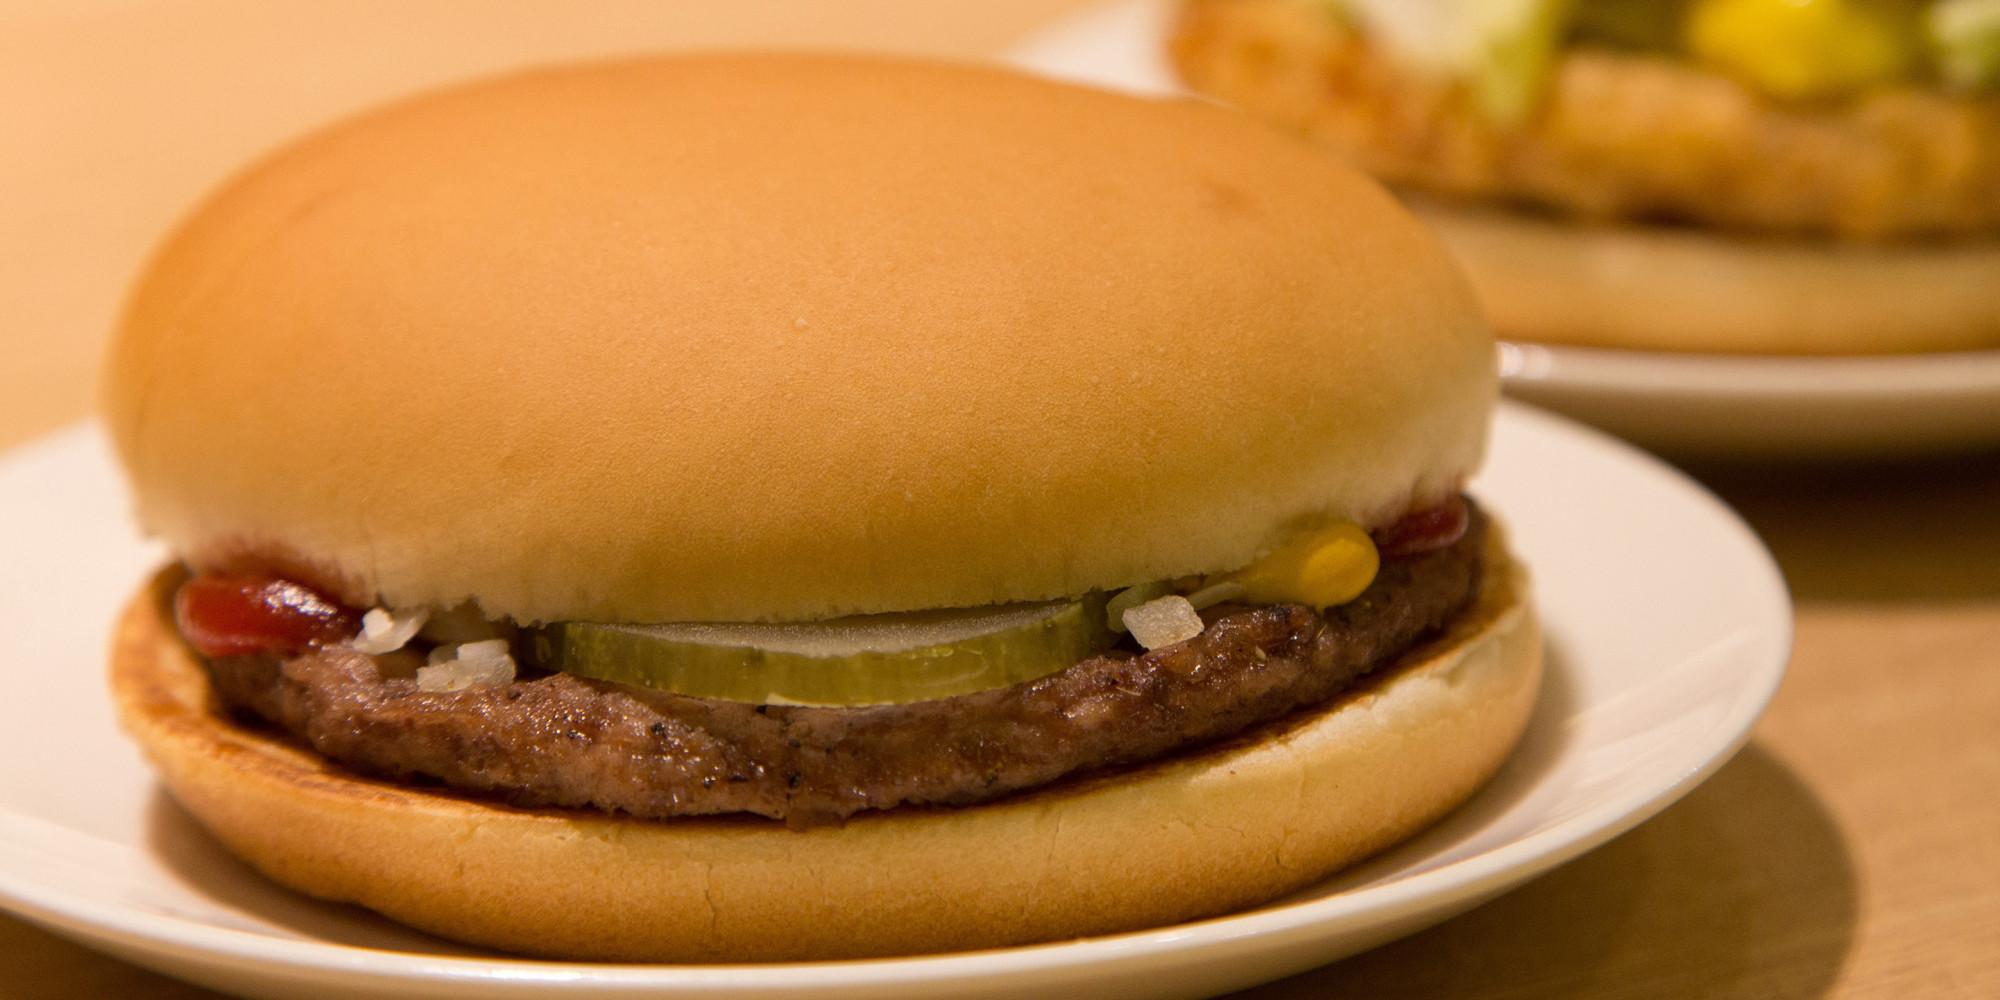 Milf macdonalds burger